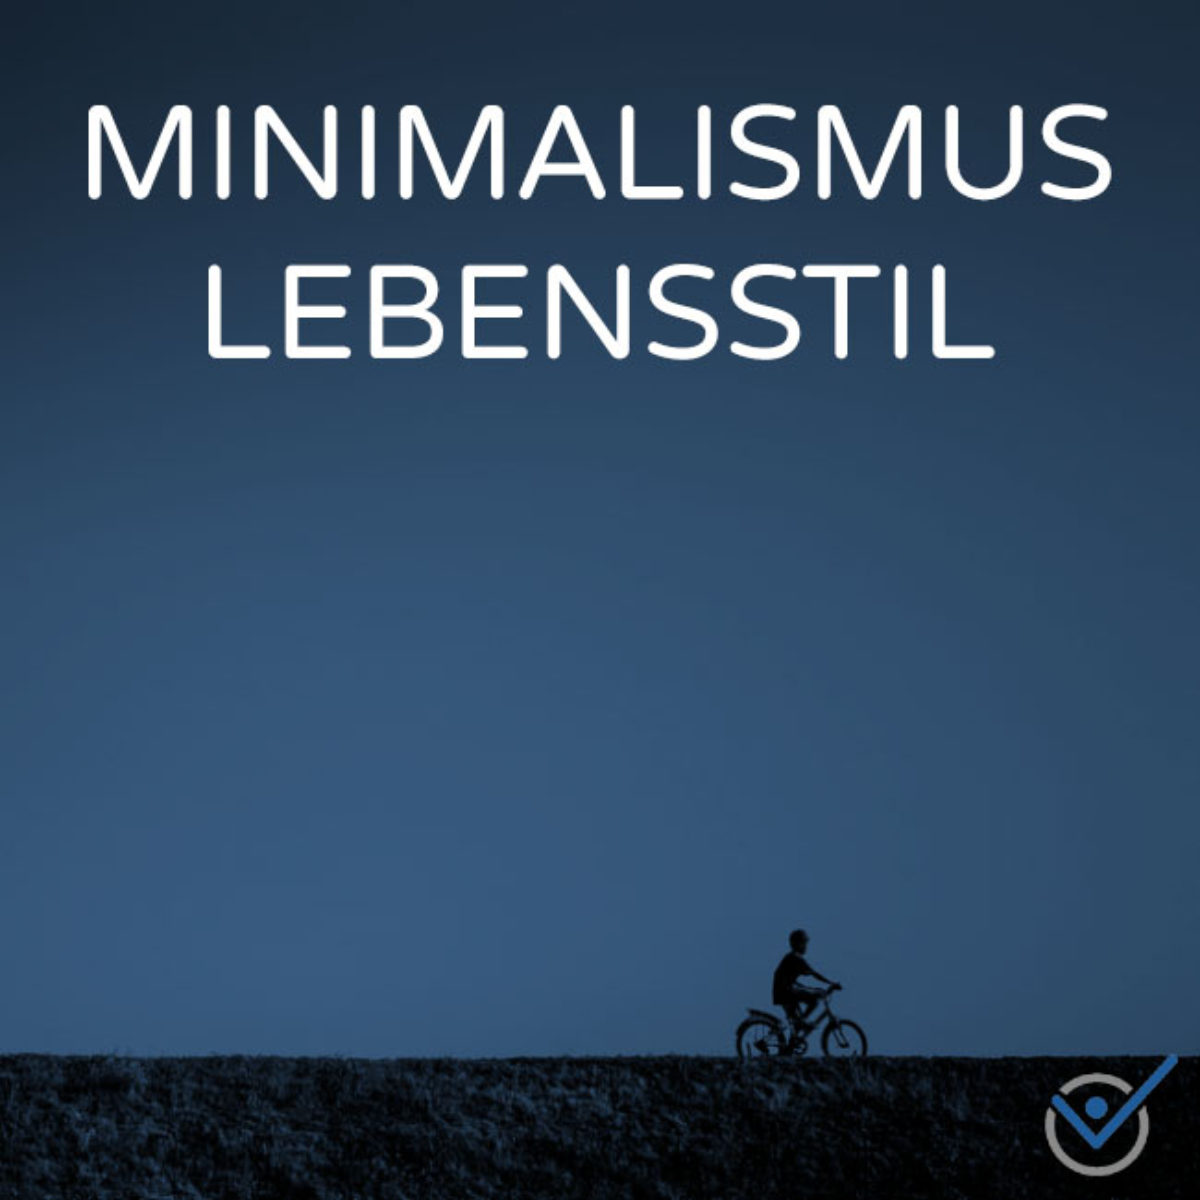 Minimalismus Lebensstil